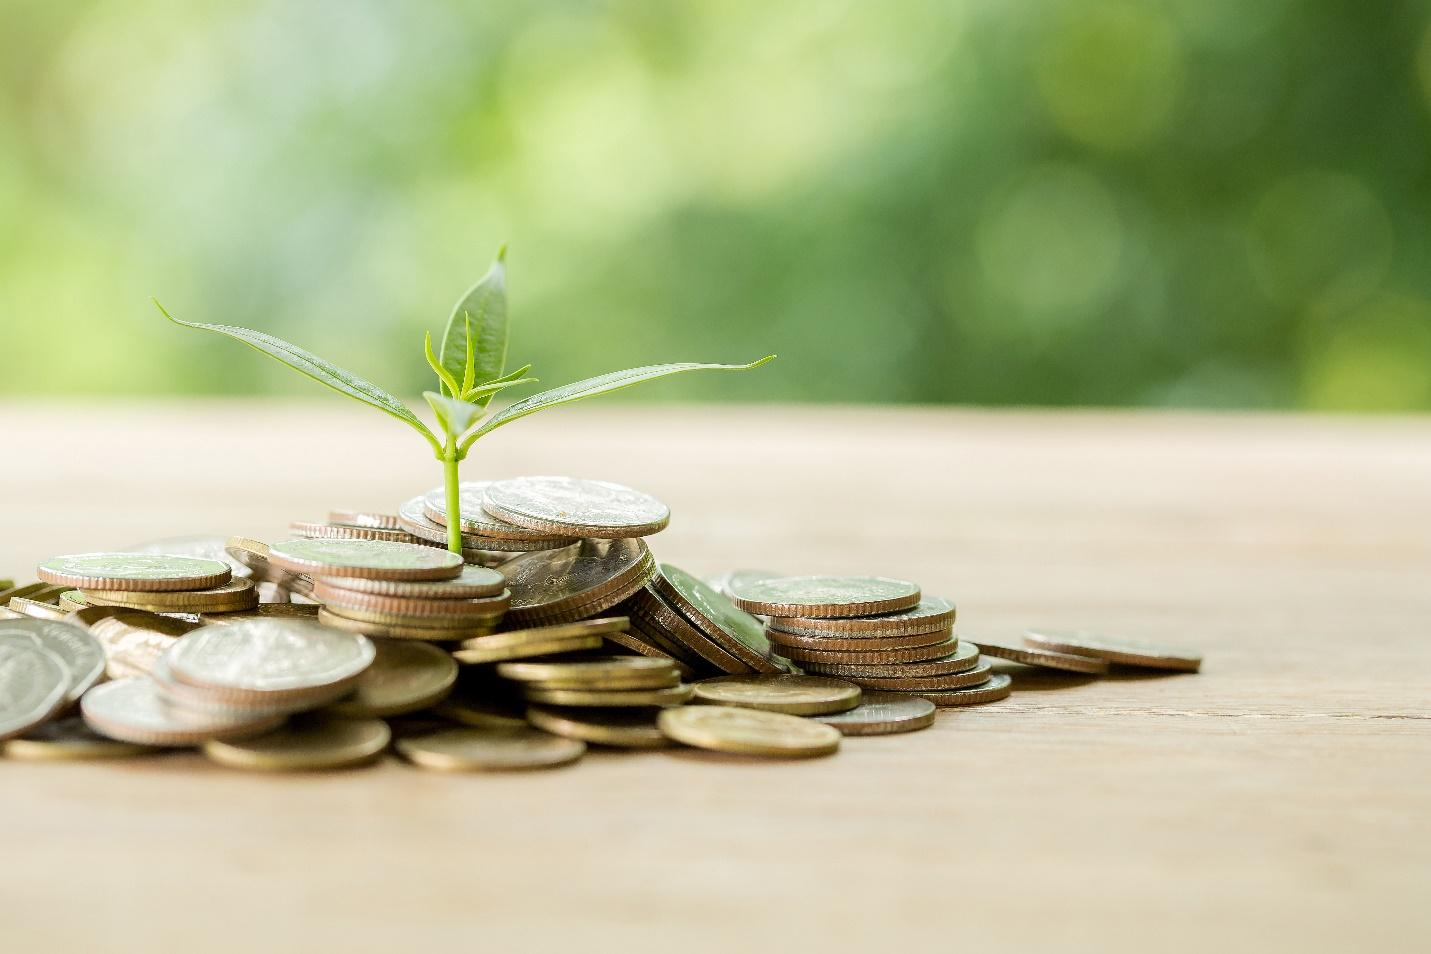 Kiến thức đầu tư: Mua tích sản cổ phiếu nên đầu tư vào đâu? - Ảnh 1.